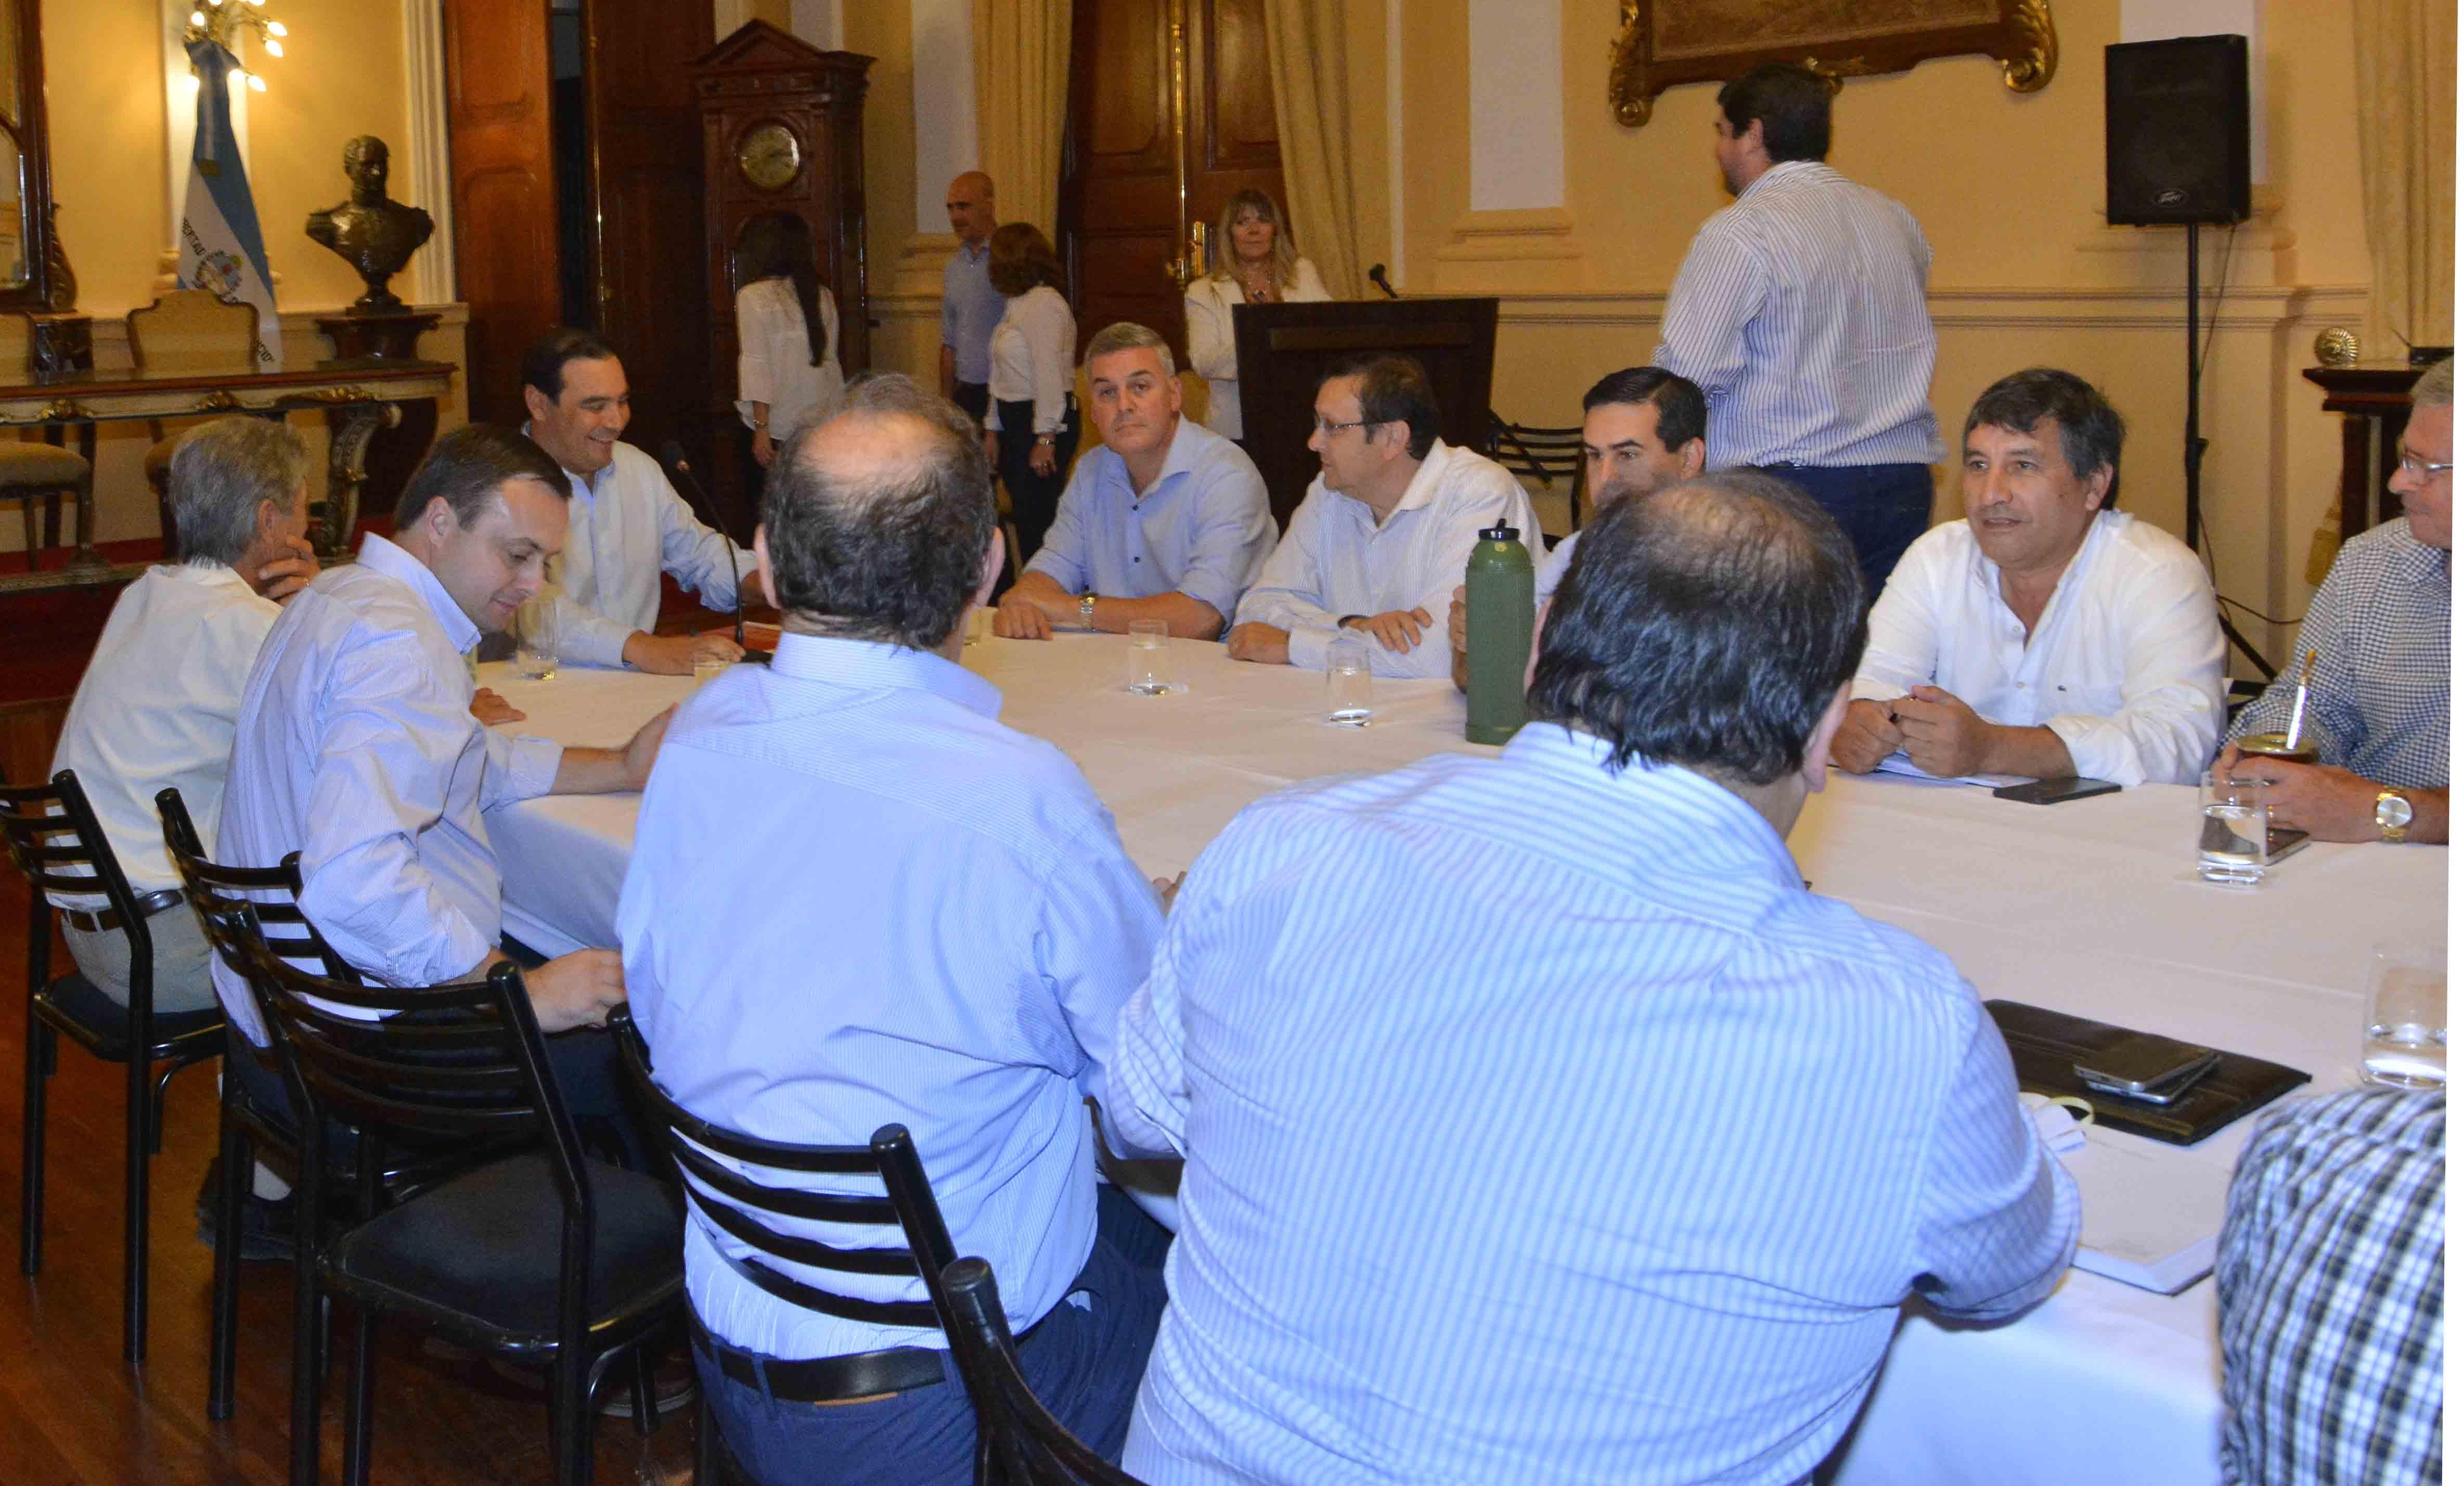 El gobernador Valdés inició una ronda de diálogo institucional con intendentes